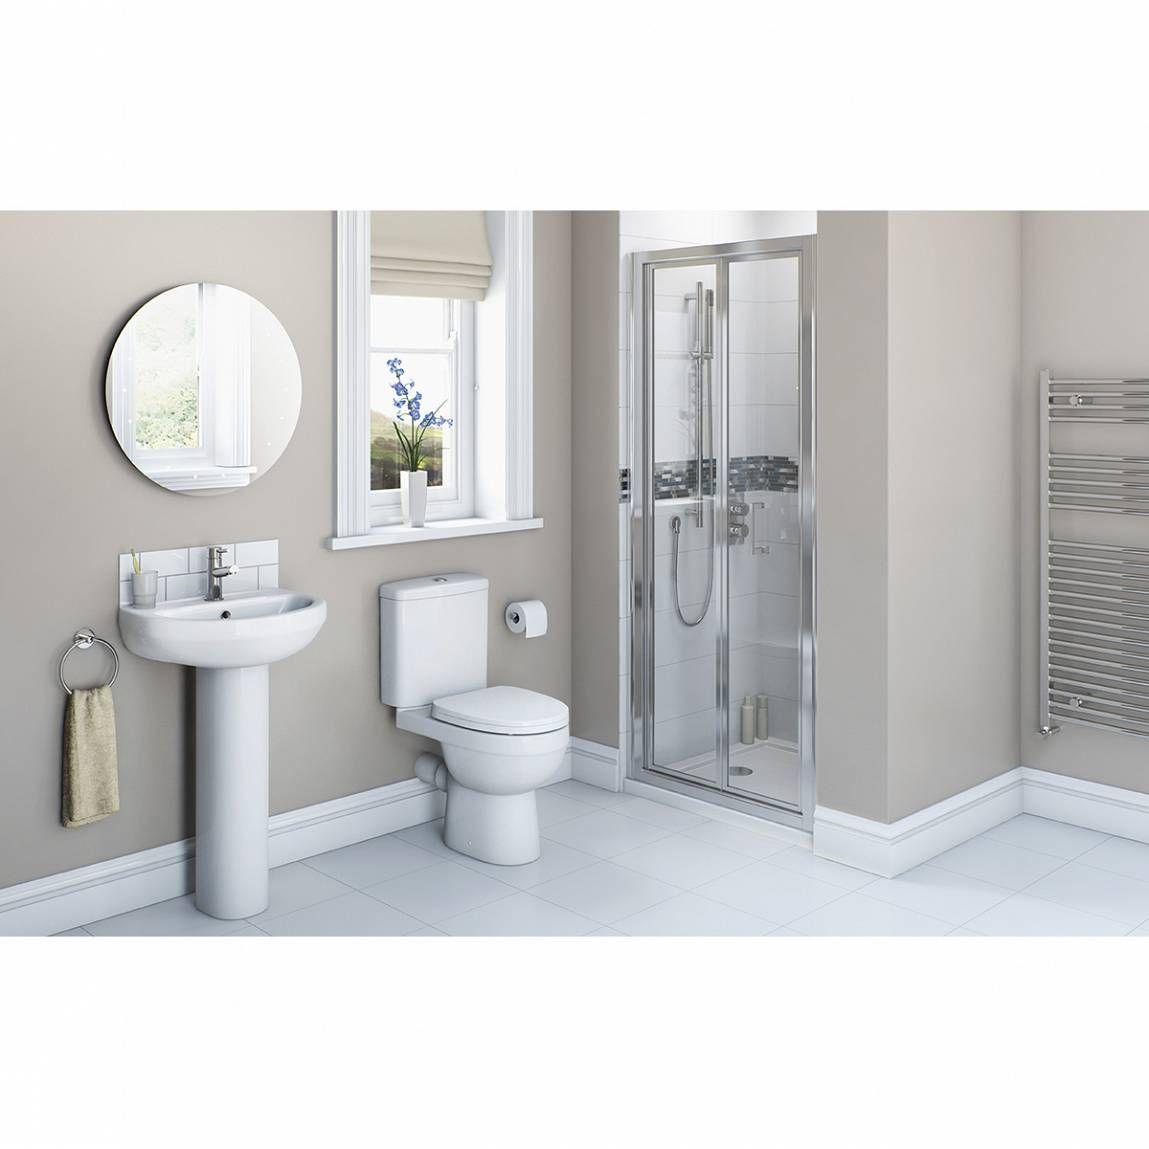 260 victoria plumb energy bathroom set with bifold shower door 800 includes shower door - Bathroom Accessories Victoria Plumb